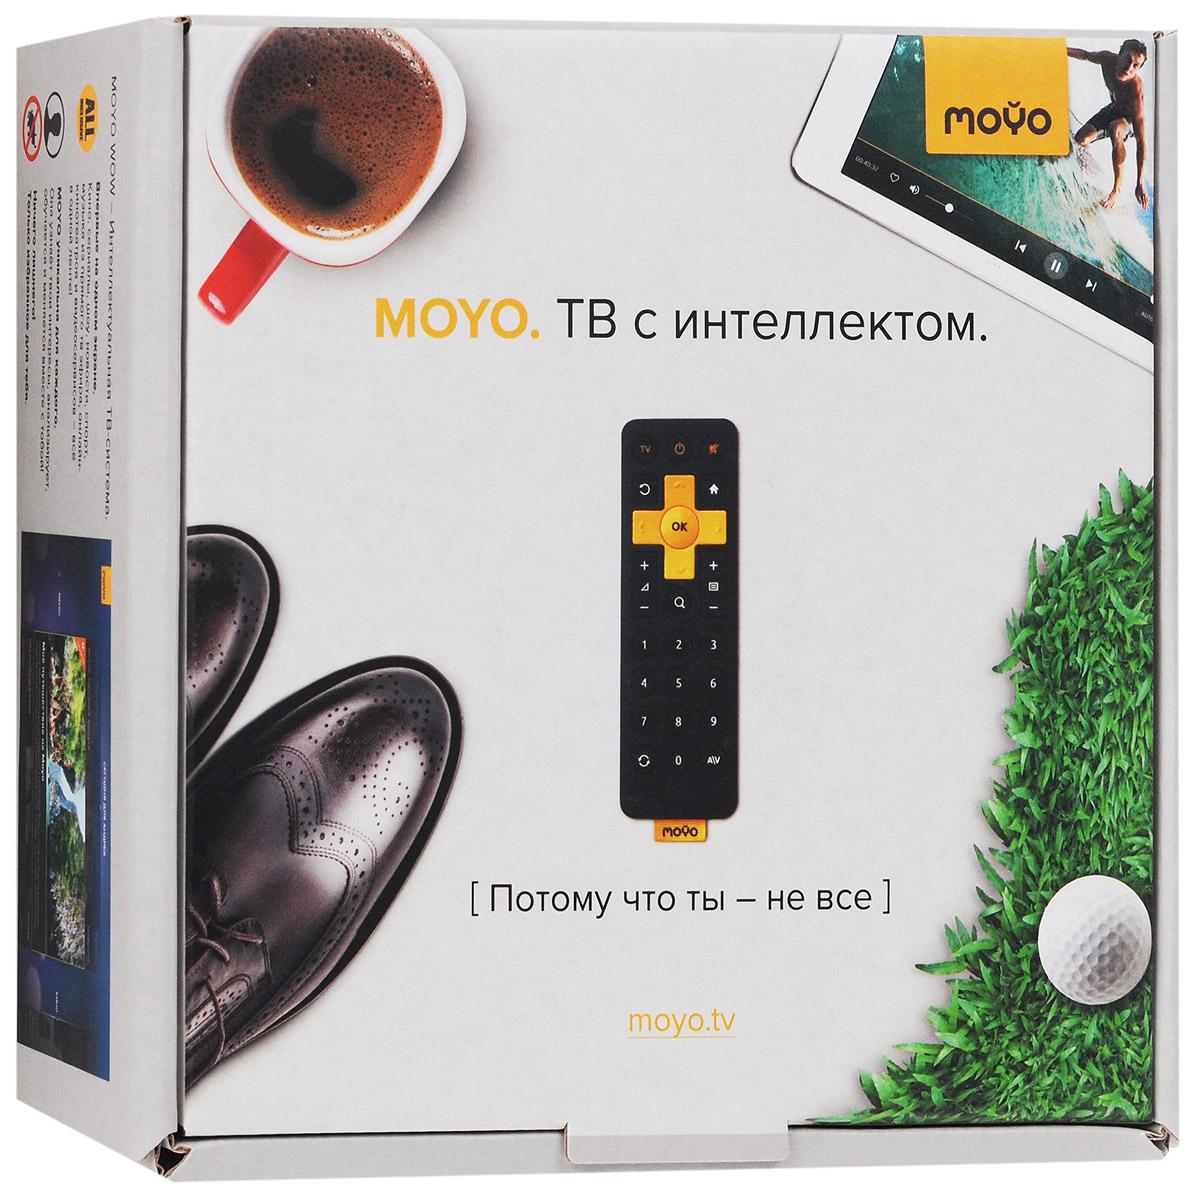 MOYO Box Oнлайн/ТВ-плеер